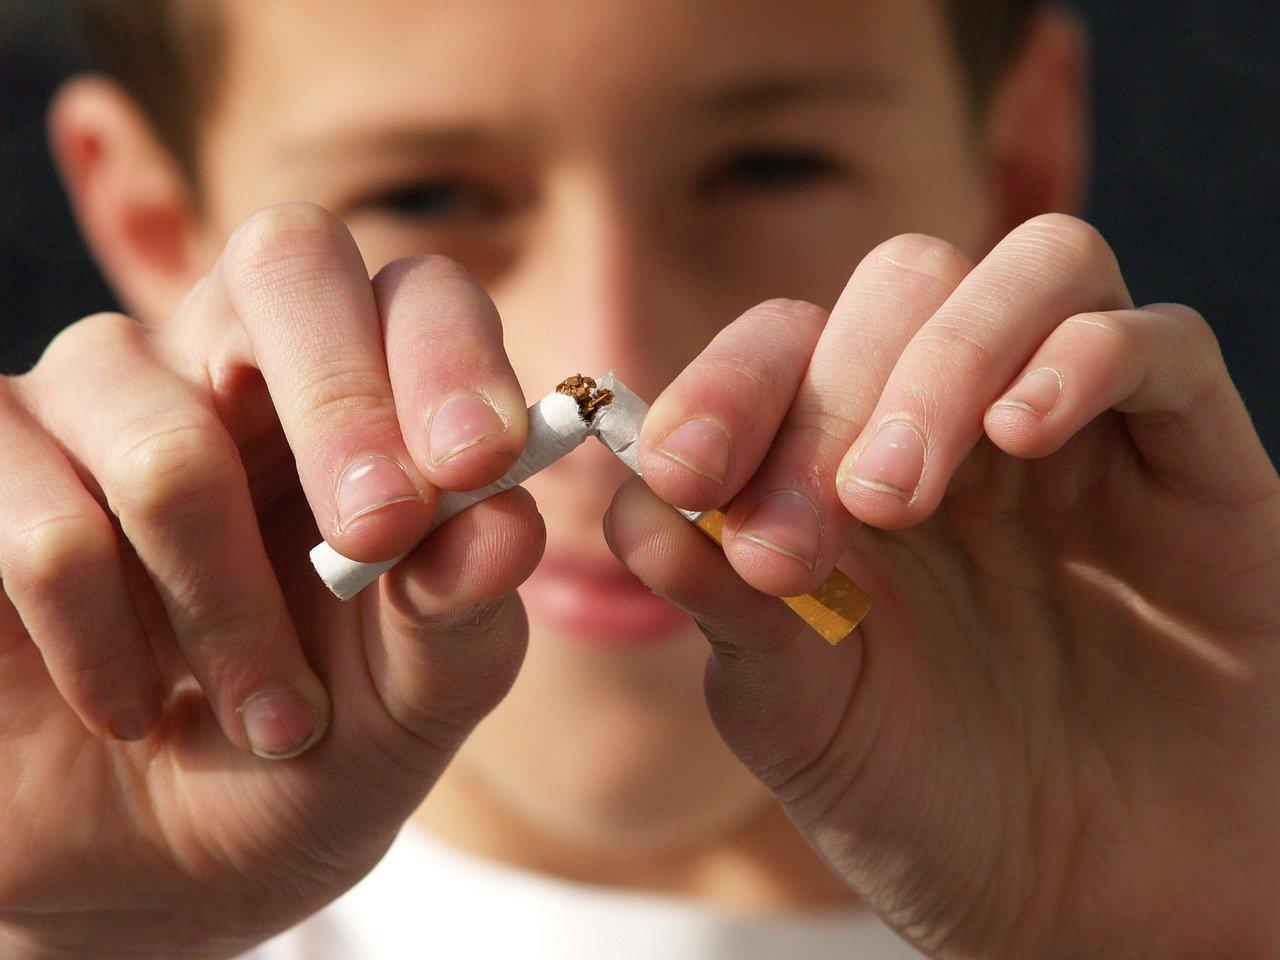 想戒菸但怕變胖怎麼辦